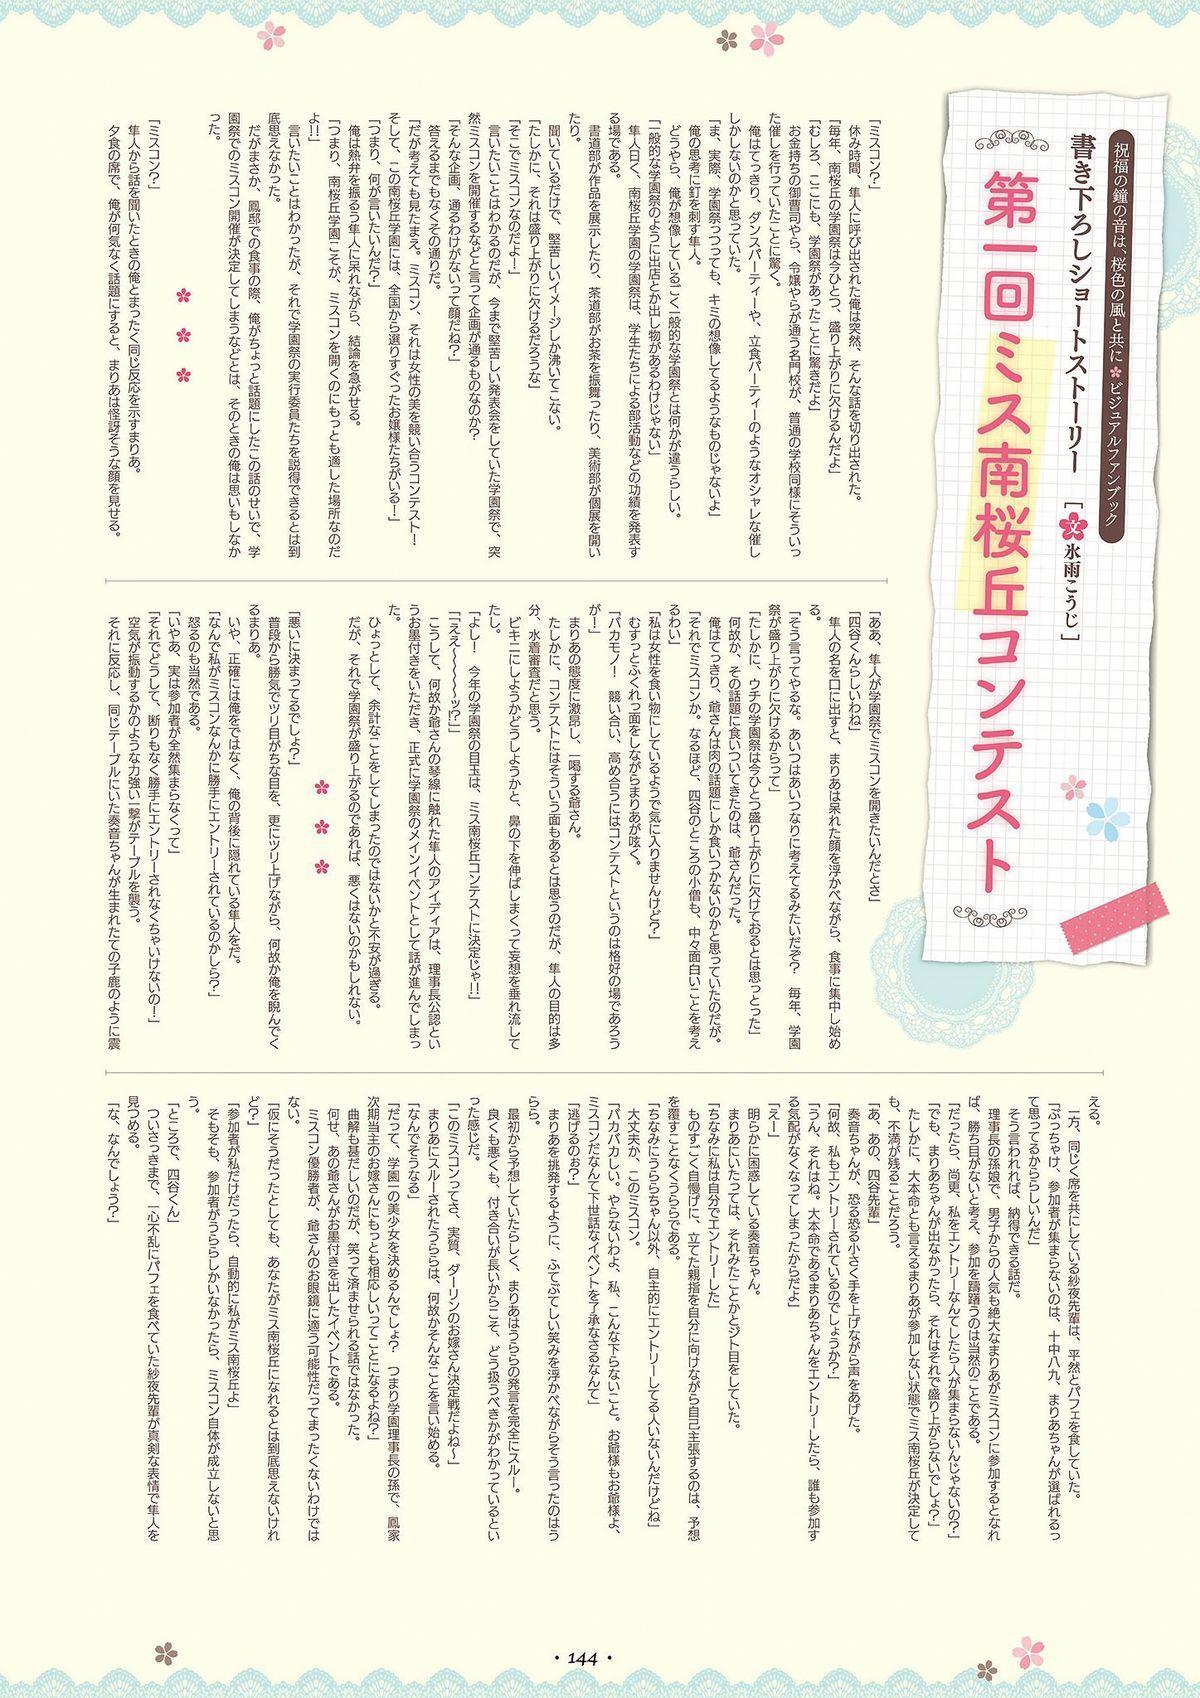 Shukufuku no Kane no Oto wa, Sakura-iro no Kaze to Tomo ni Visual Fanbook 141